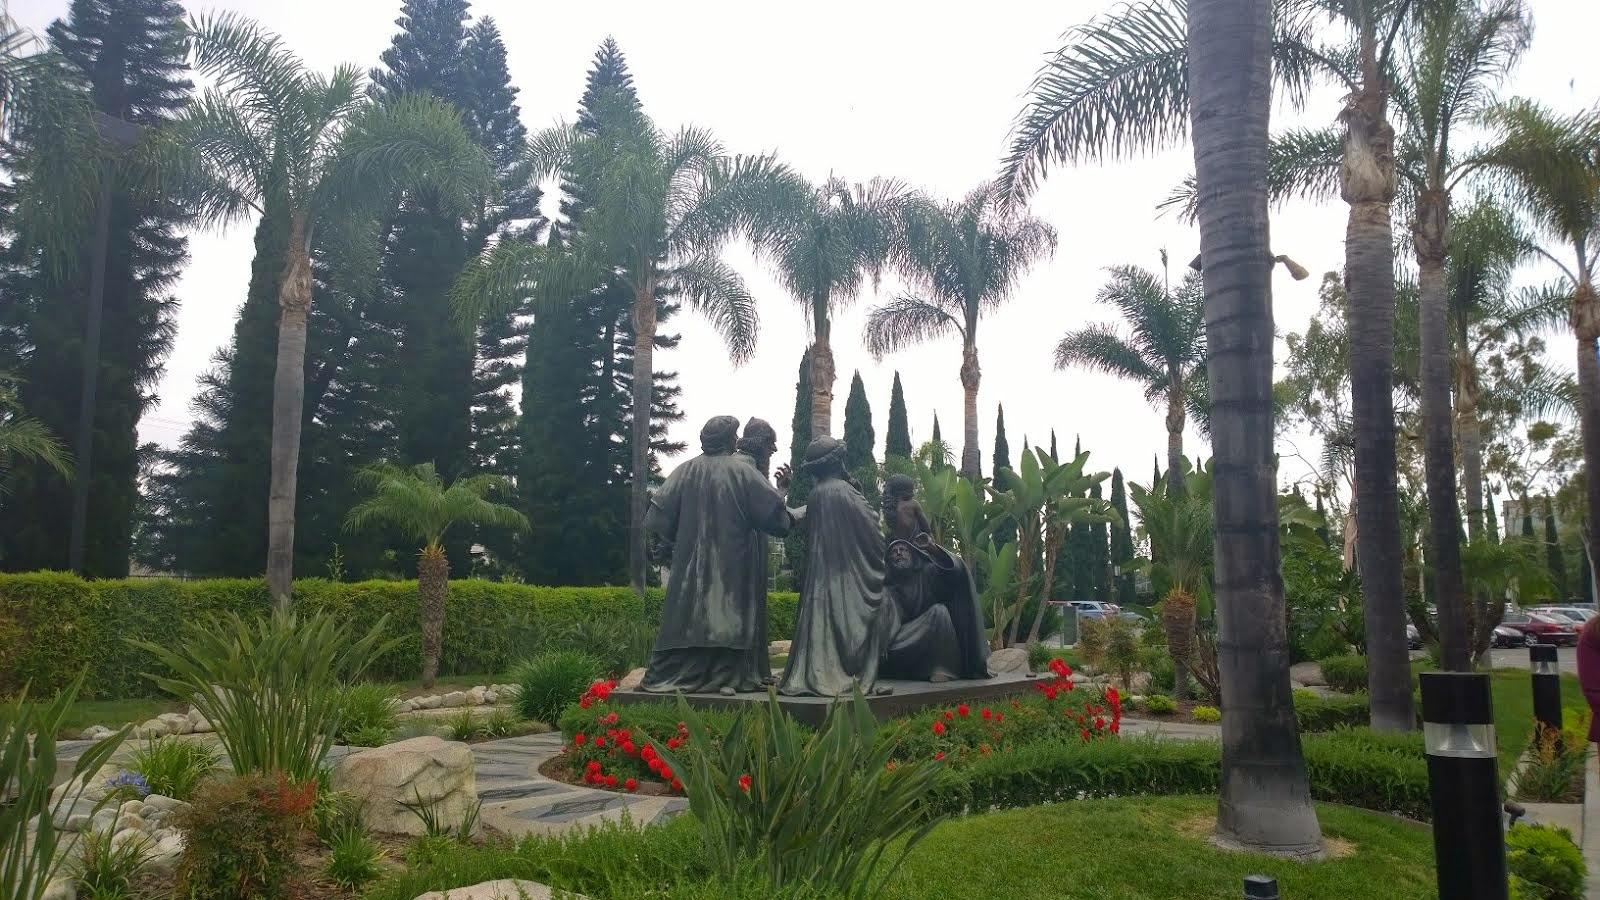 Twins abroad in garden grove ca - Where is garden grove california ...